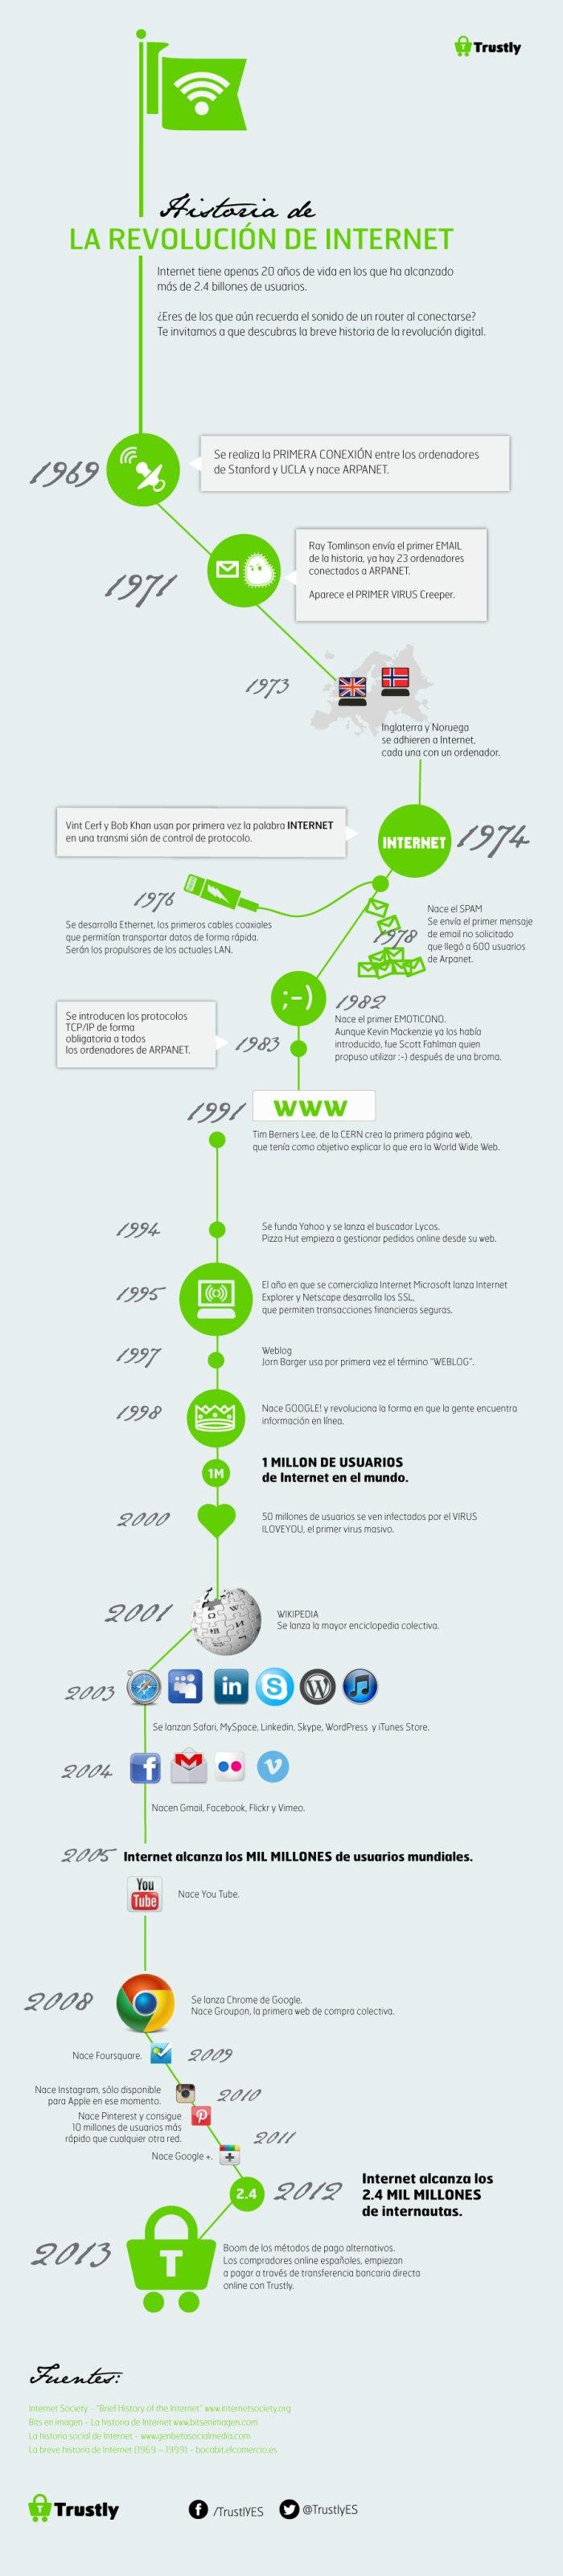 Anatomía de la revolución de Internet